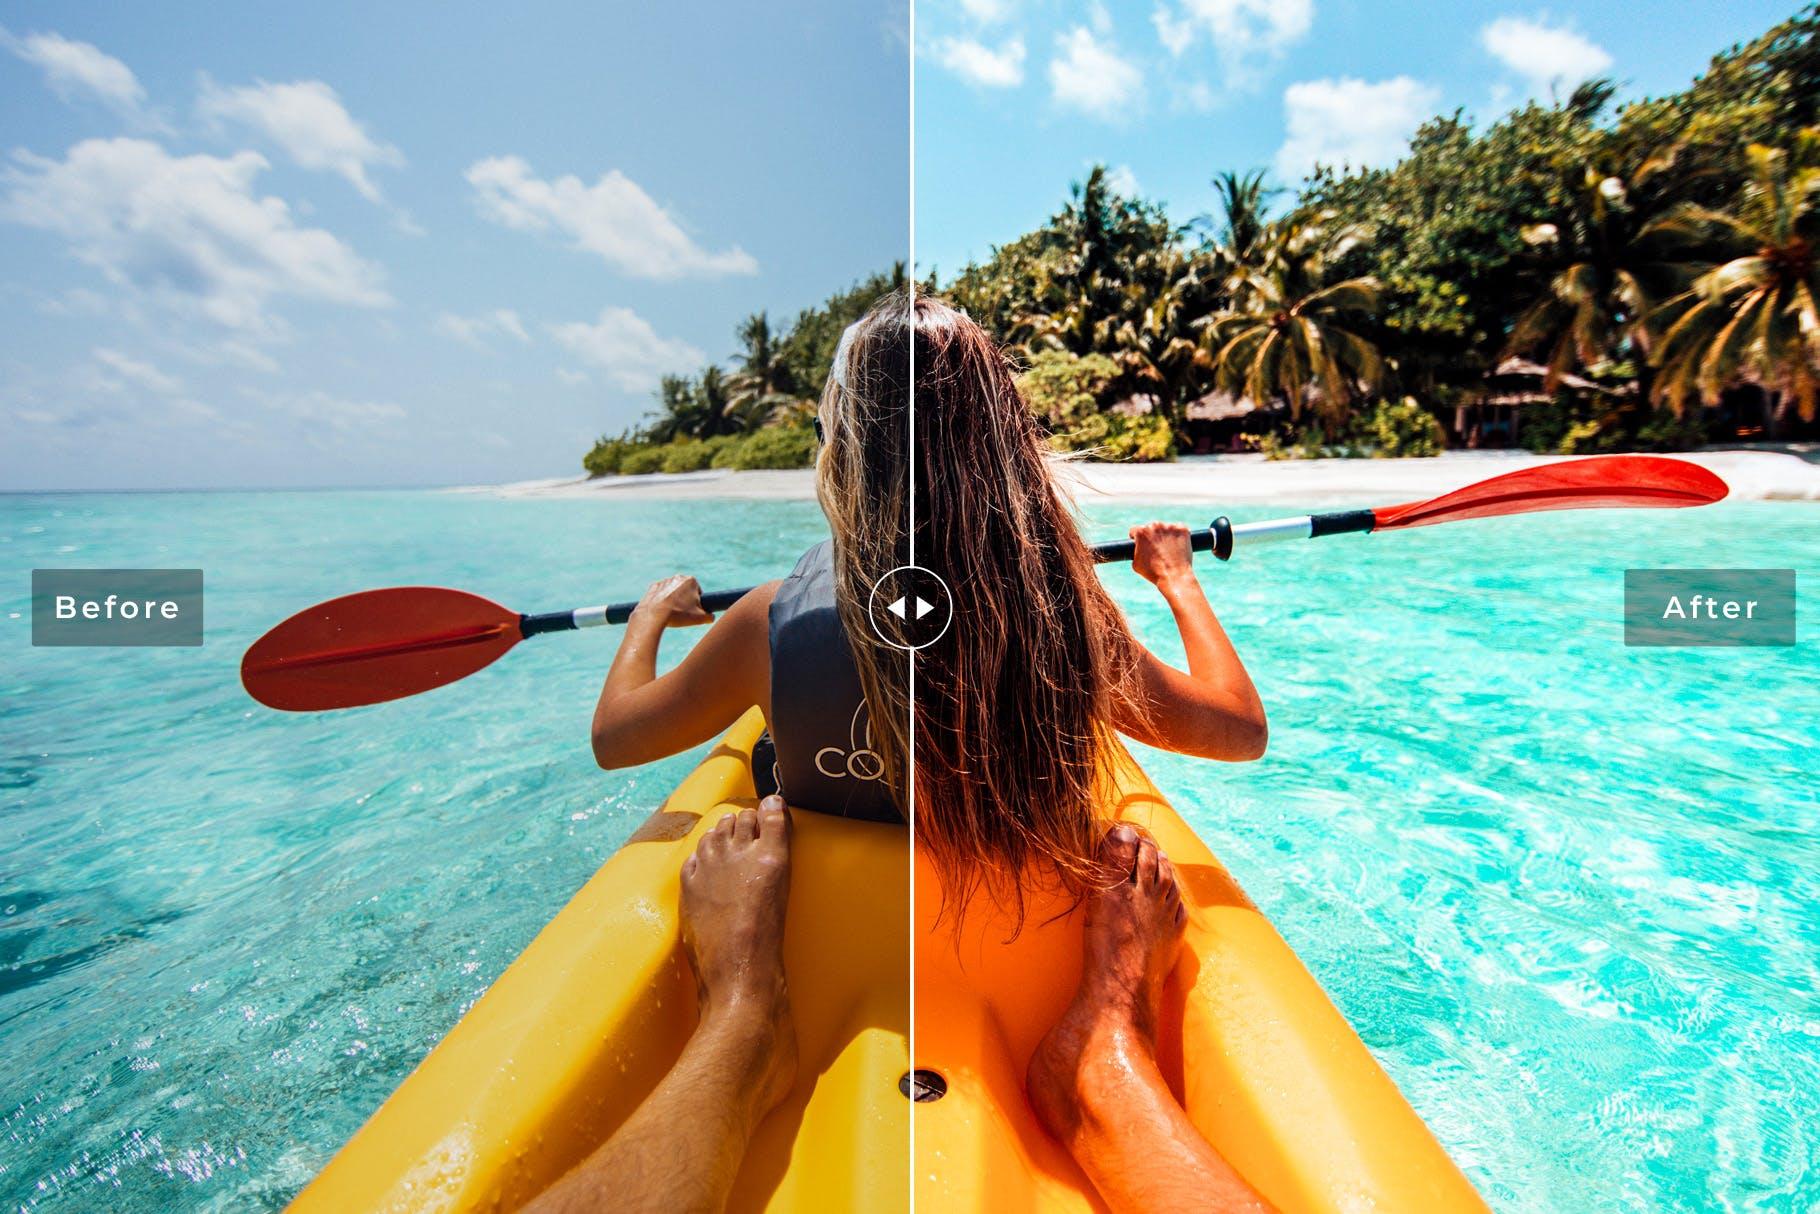 明亮/柔和/褪色自然多彩色调Lightroom预设 Riviera Maya Mobile & Desktop Lightroom Presets设计素材模板